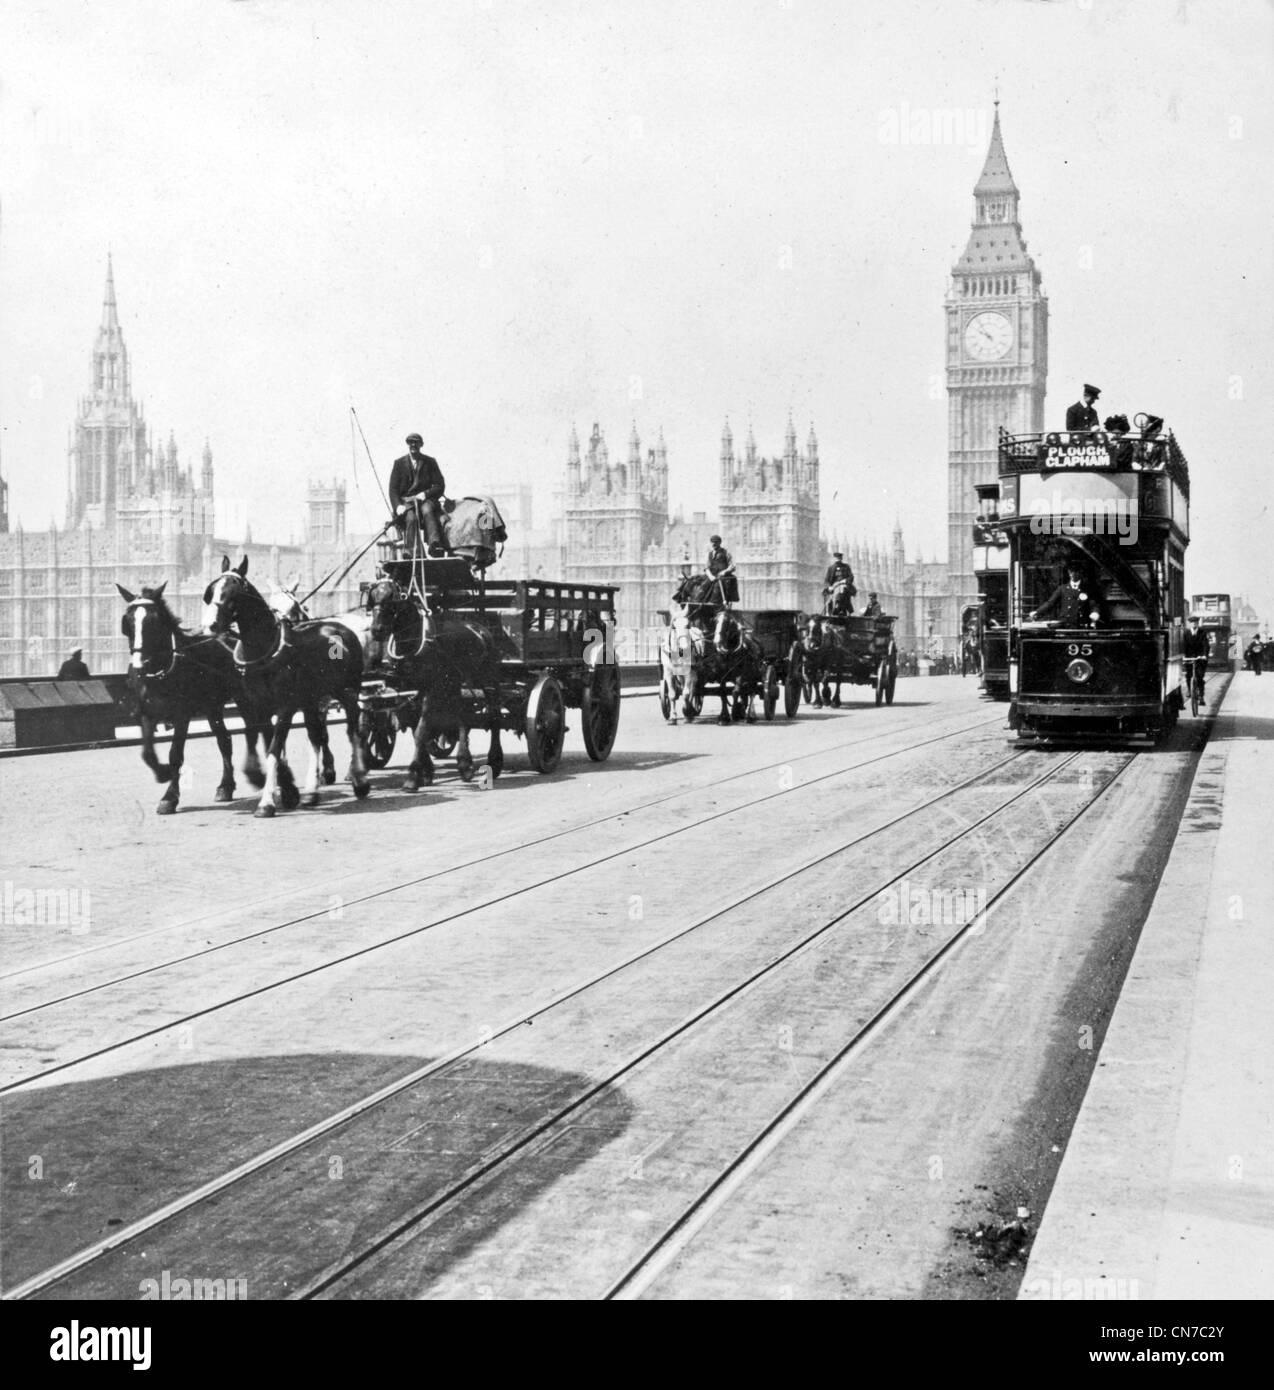 El puente de Westminster y las Casas del Parlamento, Londres, Inglaterra Foto de stock